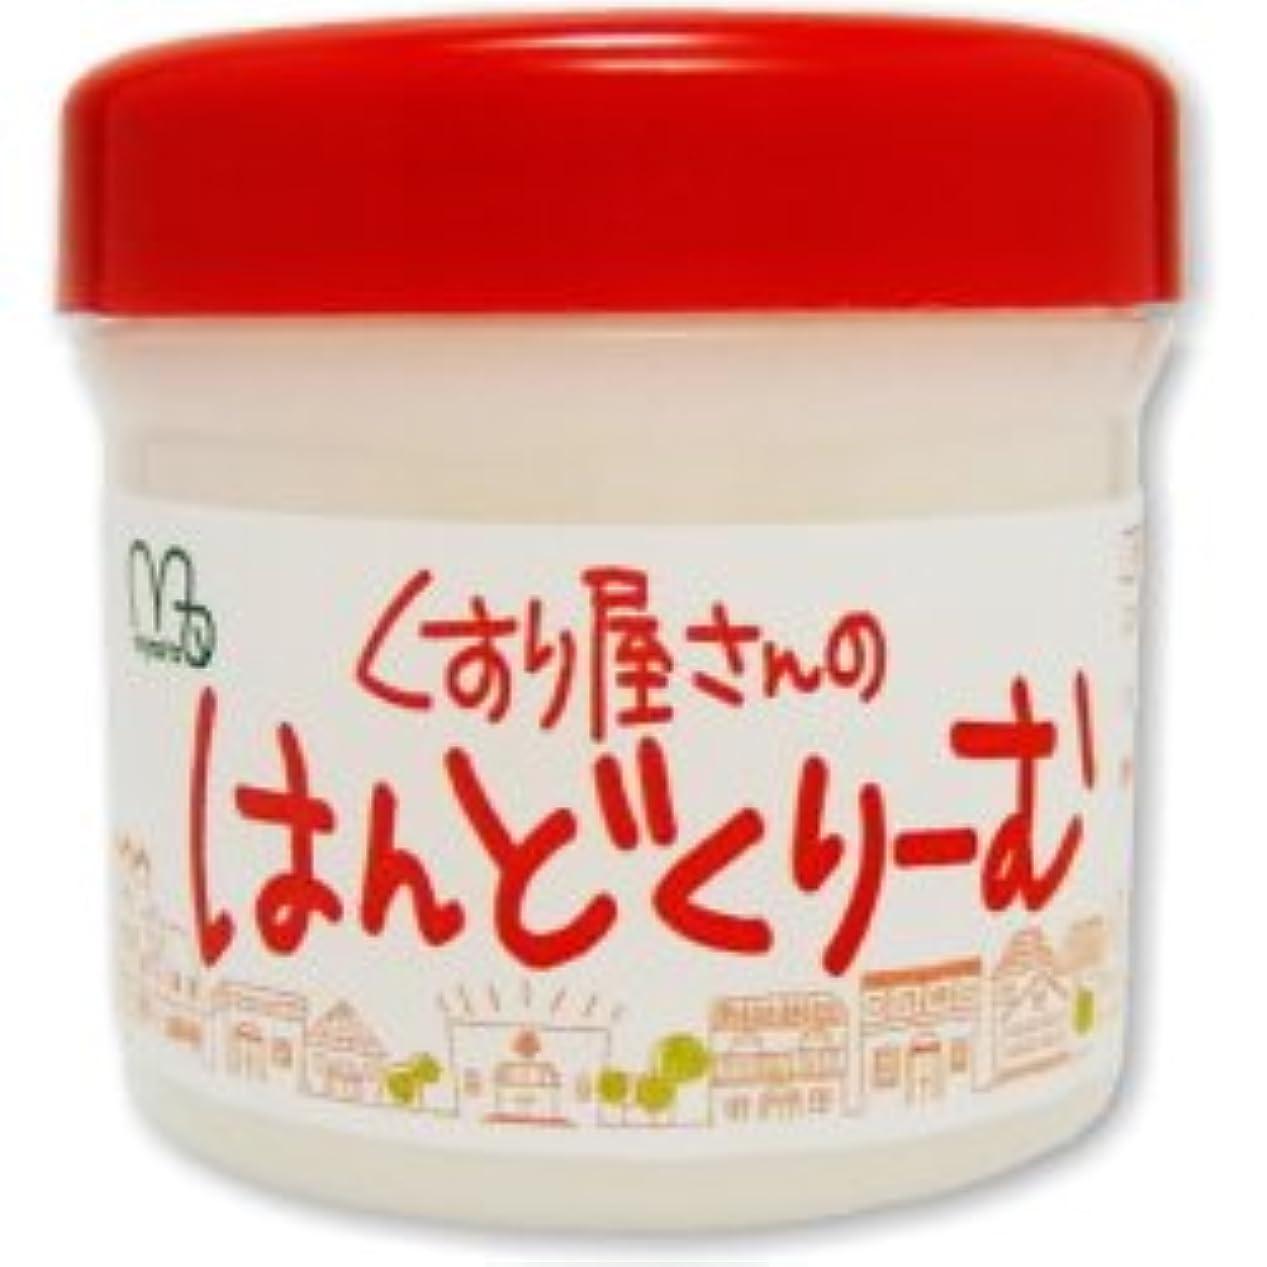 信条ケープリボンくすり屋さんのハンドクリーム 100g